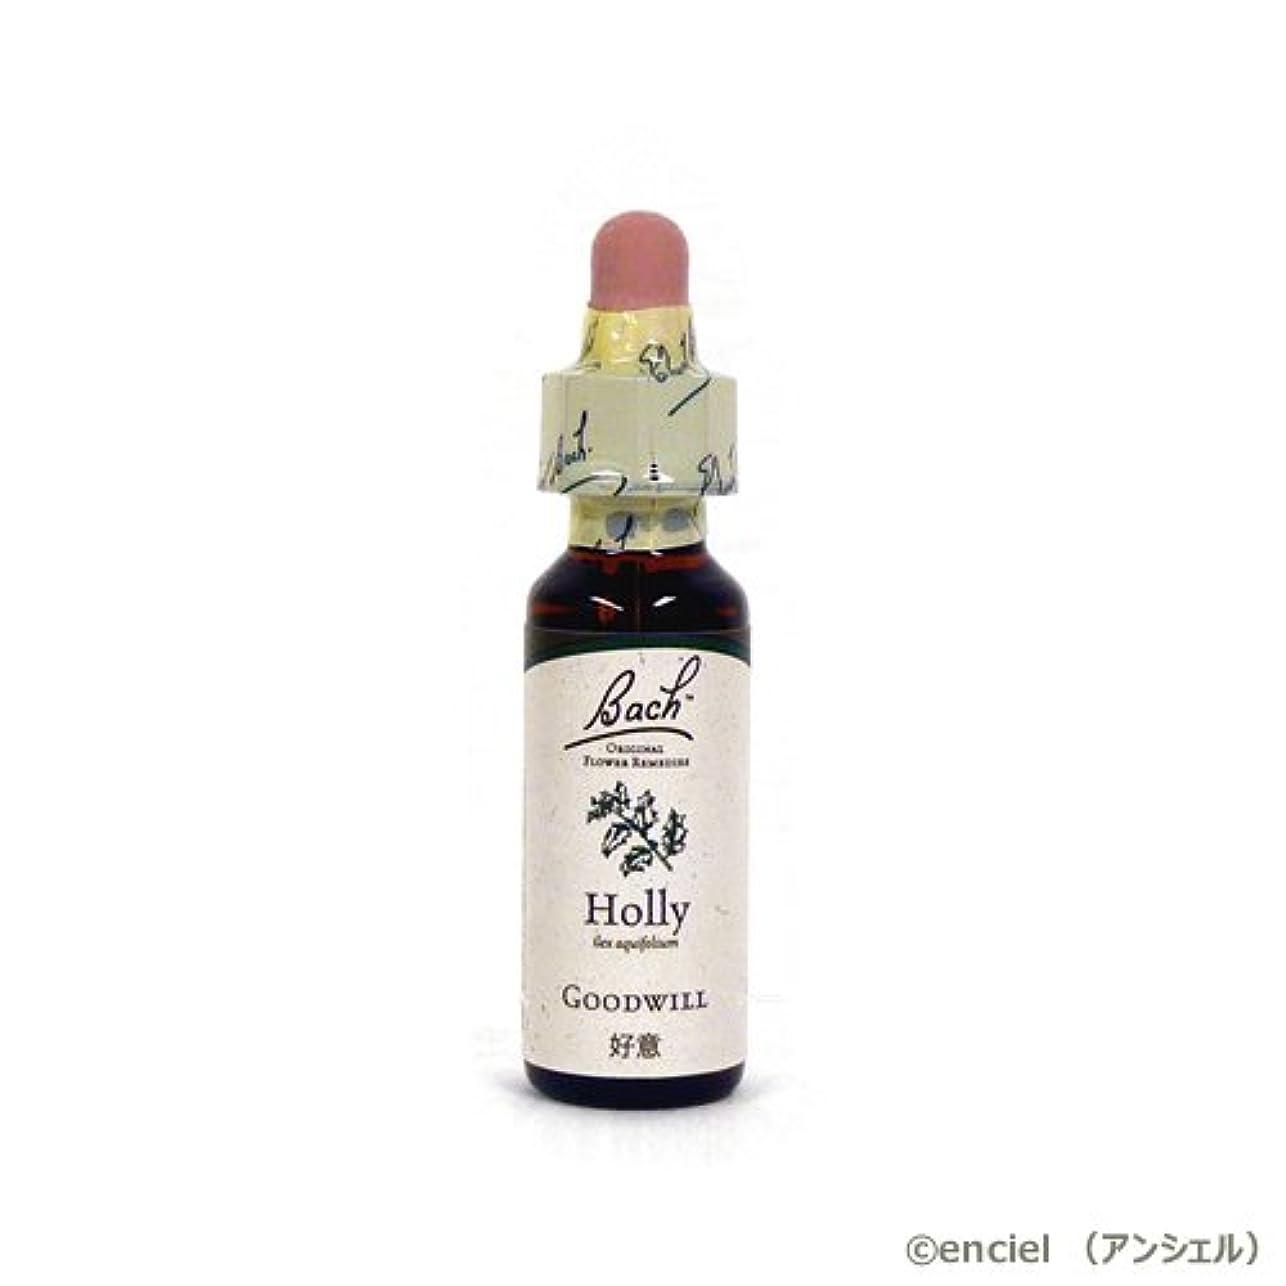 豆革命クレーターバッチフラワー レメディ ホリー 10ml グリセリンタイプ 日本国内正規品